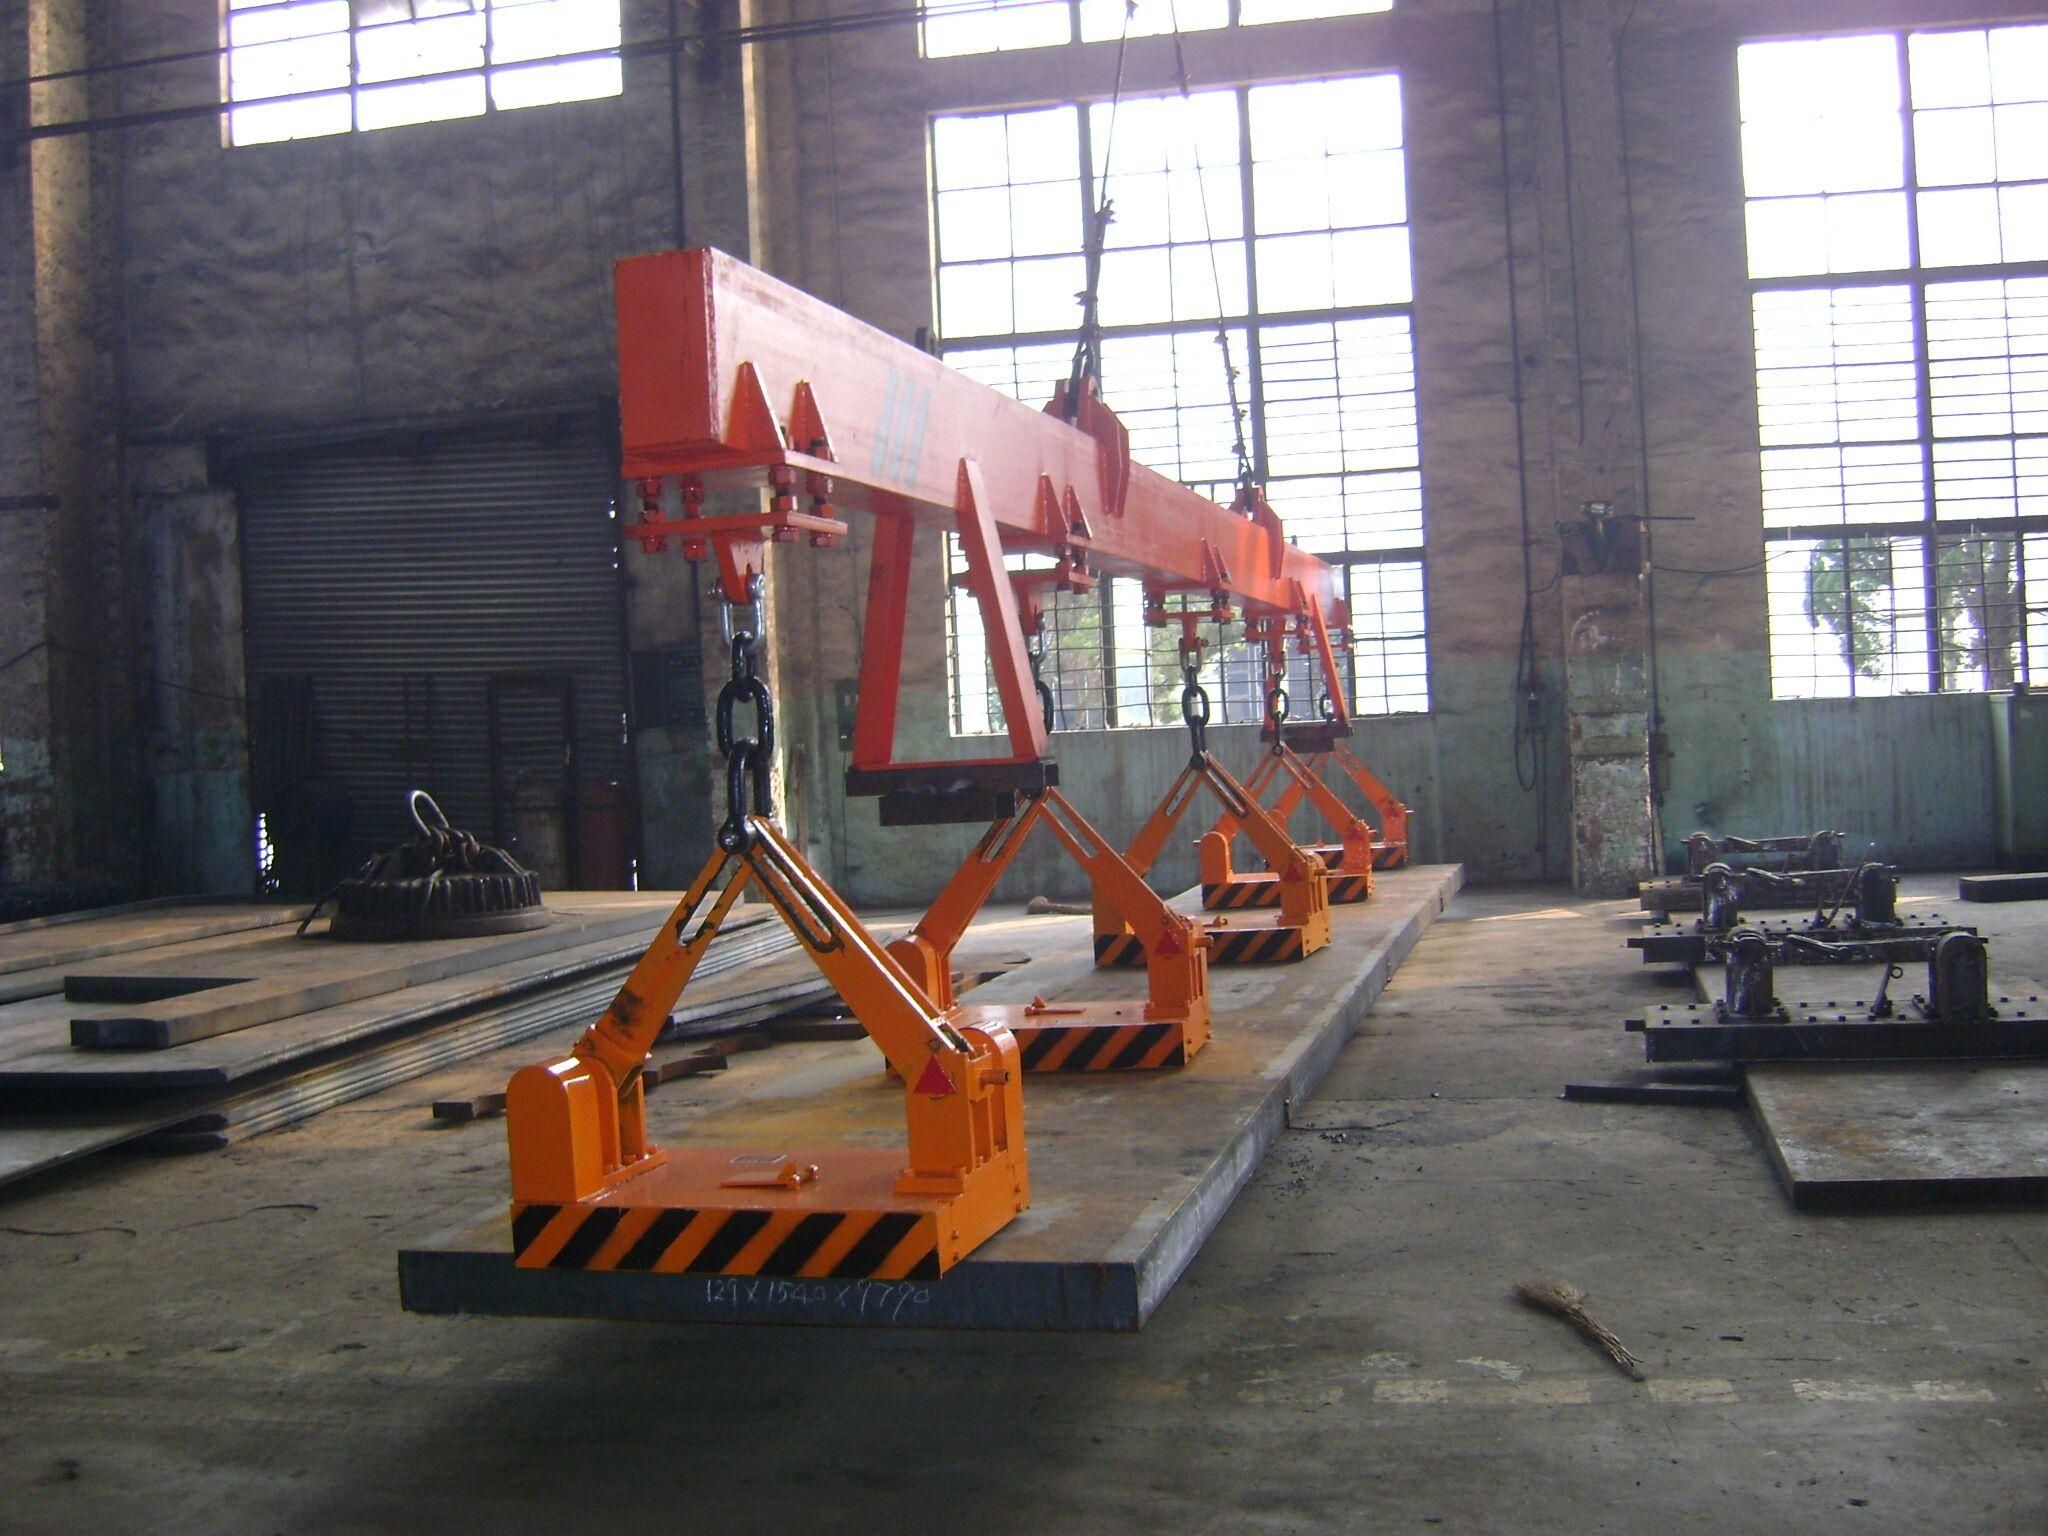 高品质强力起重电磁铁生产厂家_起重器相关-岳阳星光电磁科技有限公司